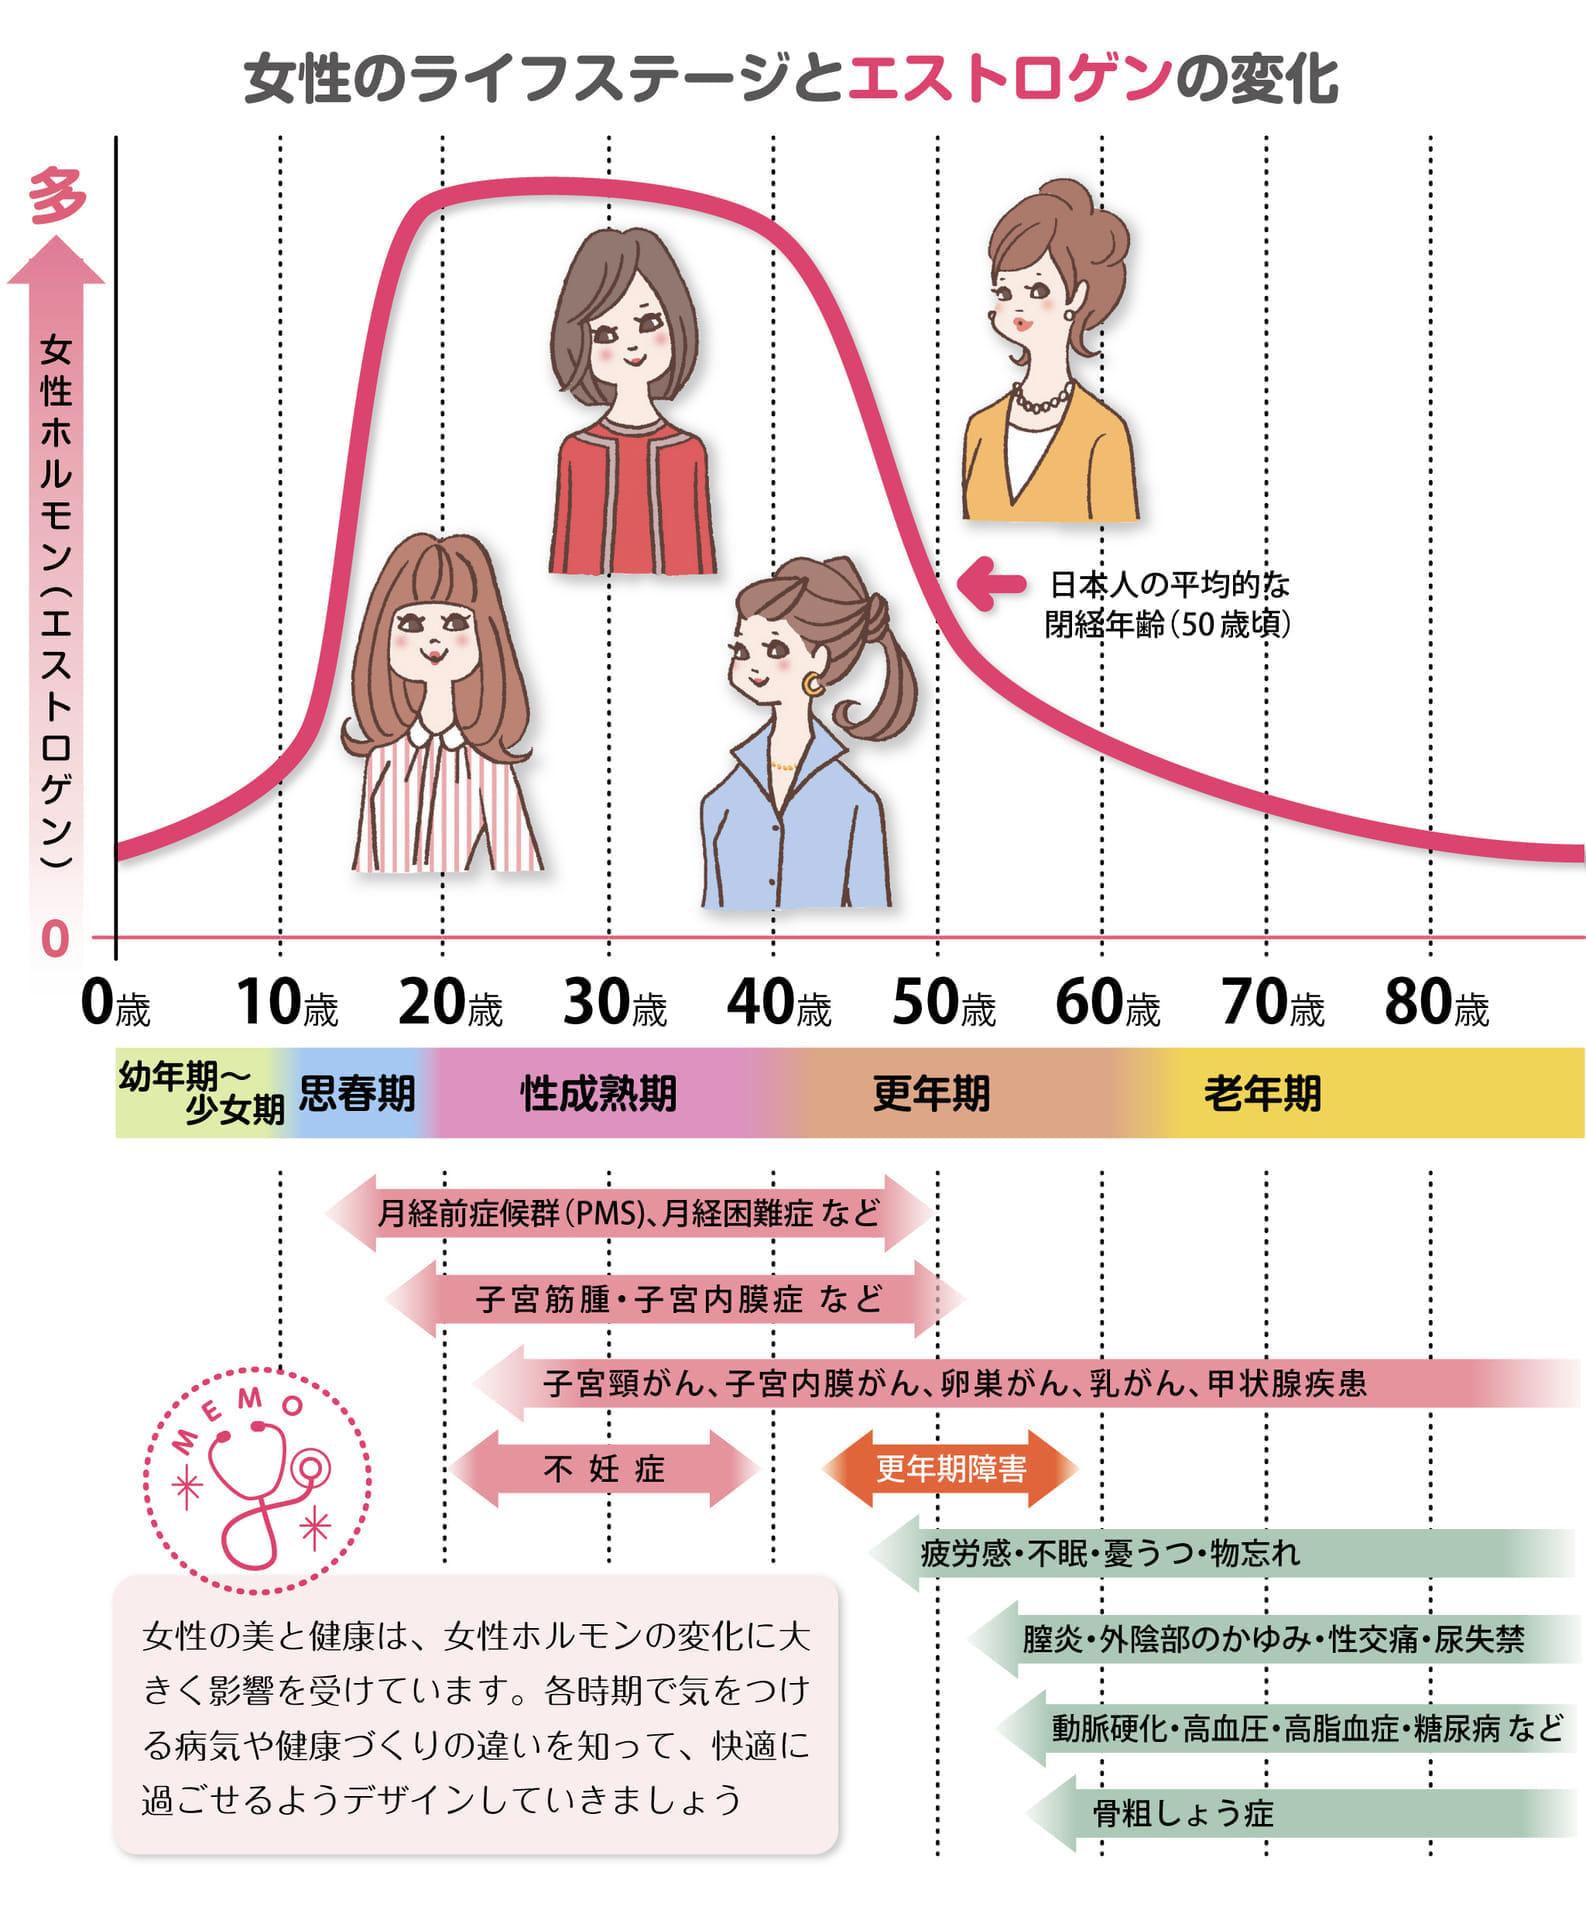 替え女性のライフステージkounenki-グラフ-W3